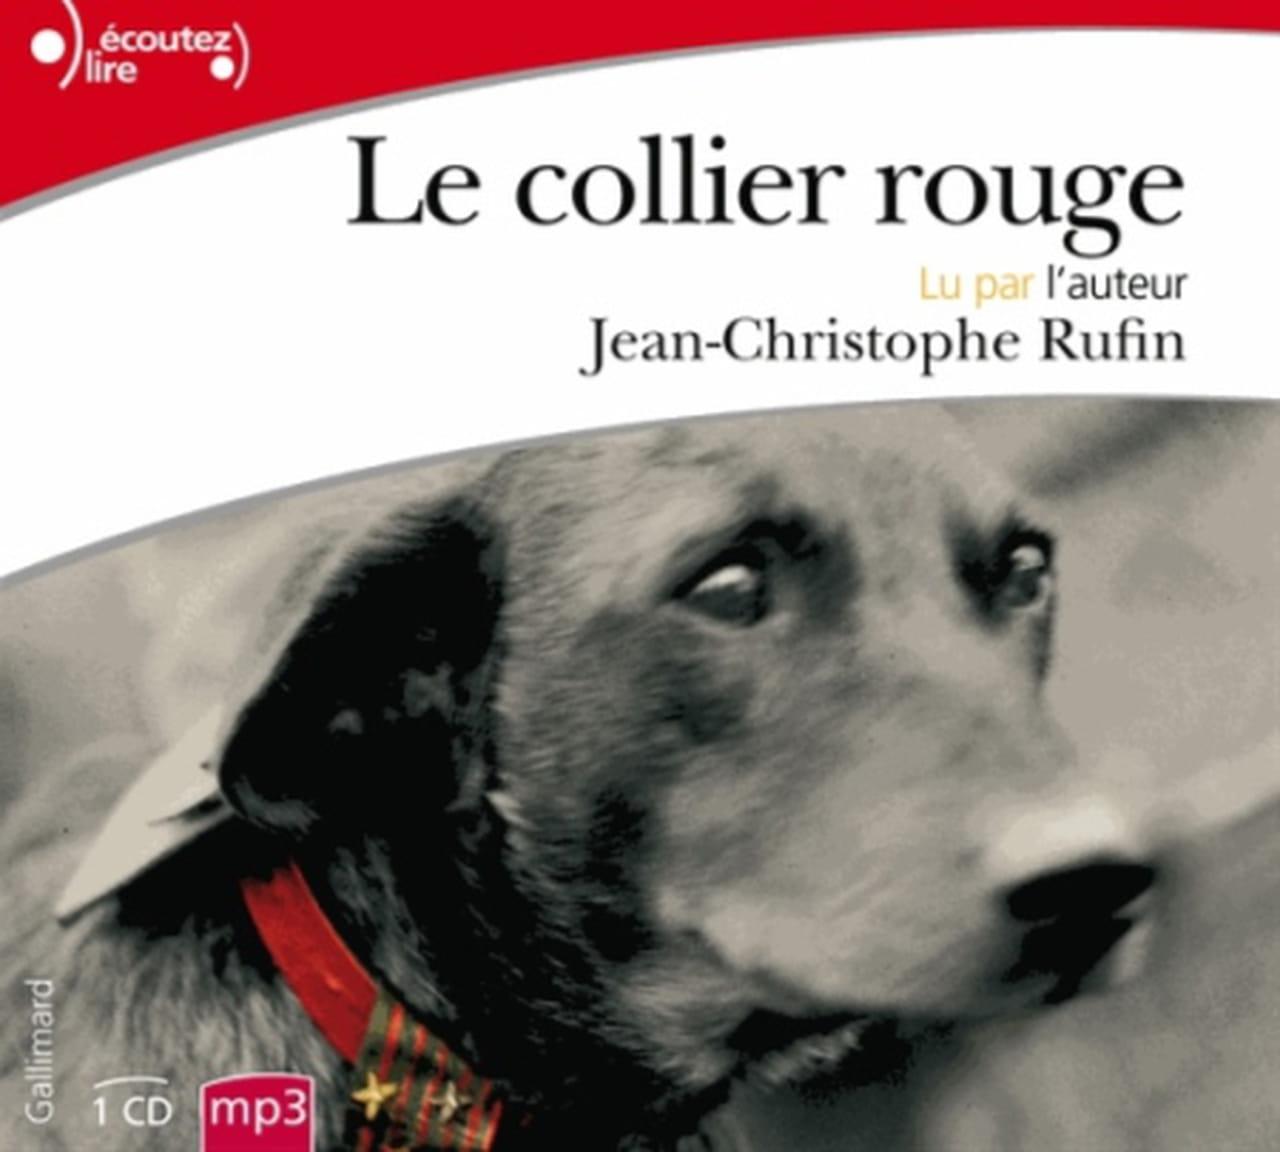 Le Collier rouge, lu par Jean-Christophe Rufin